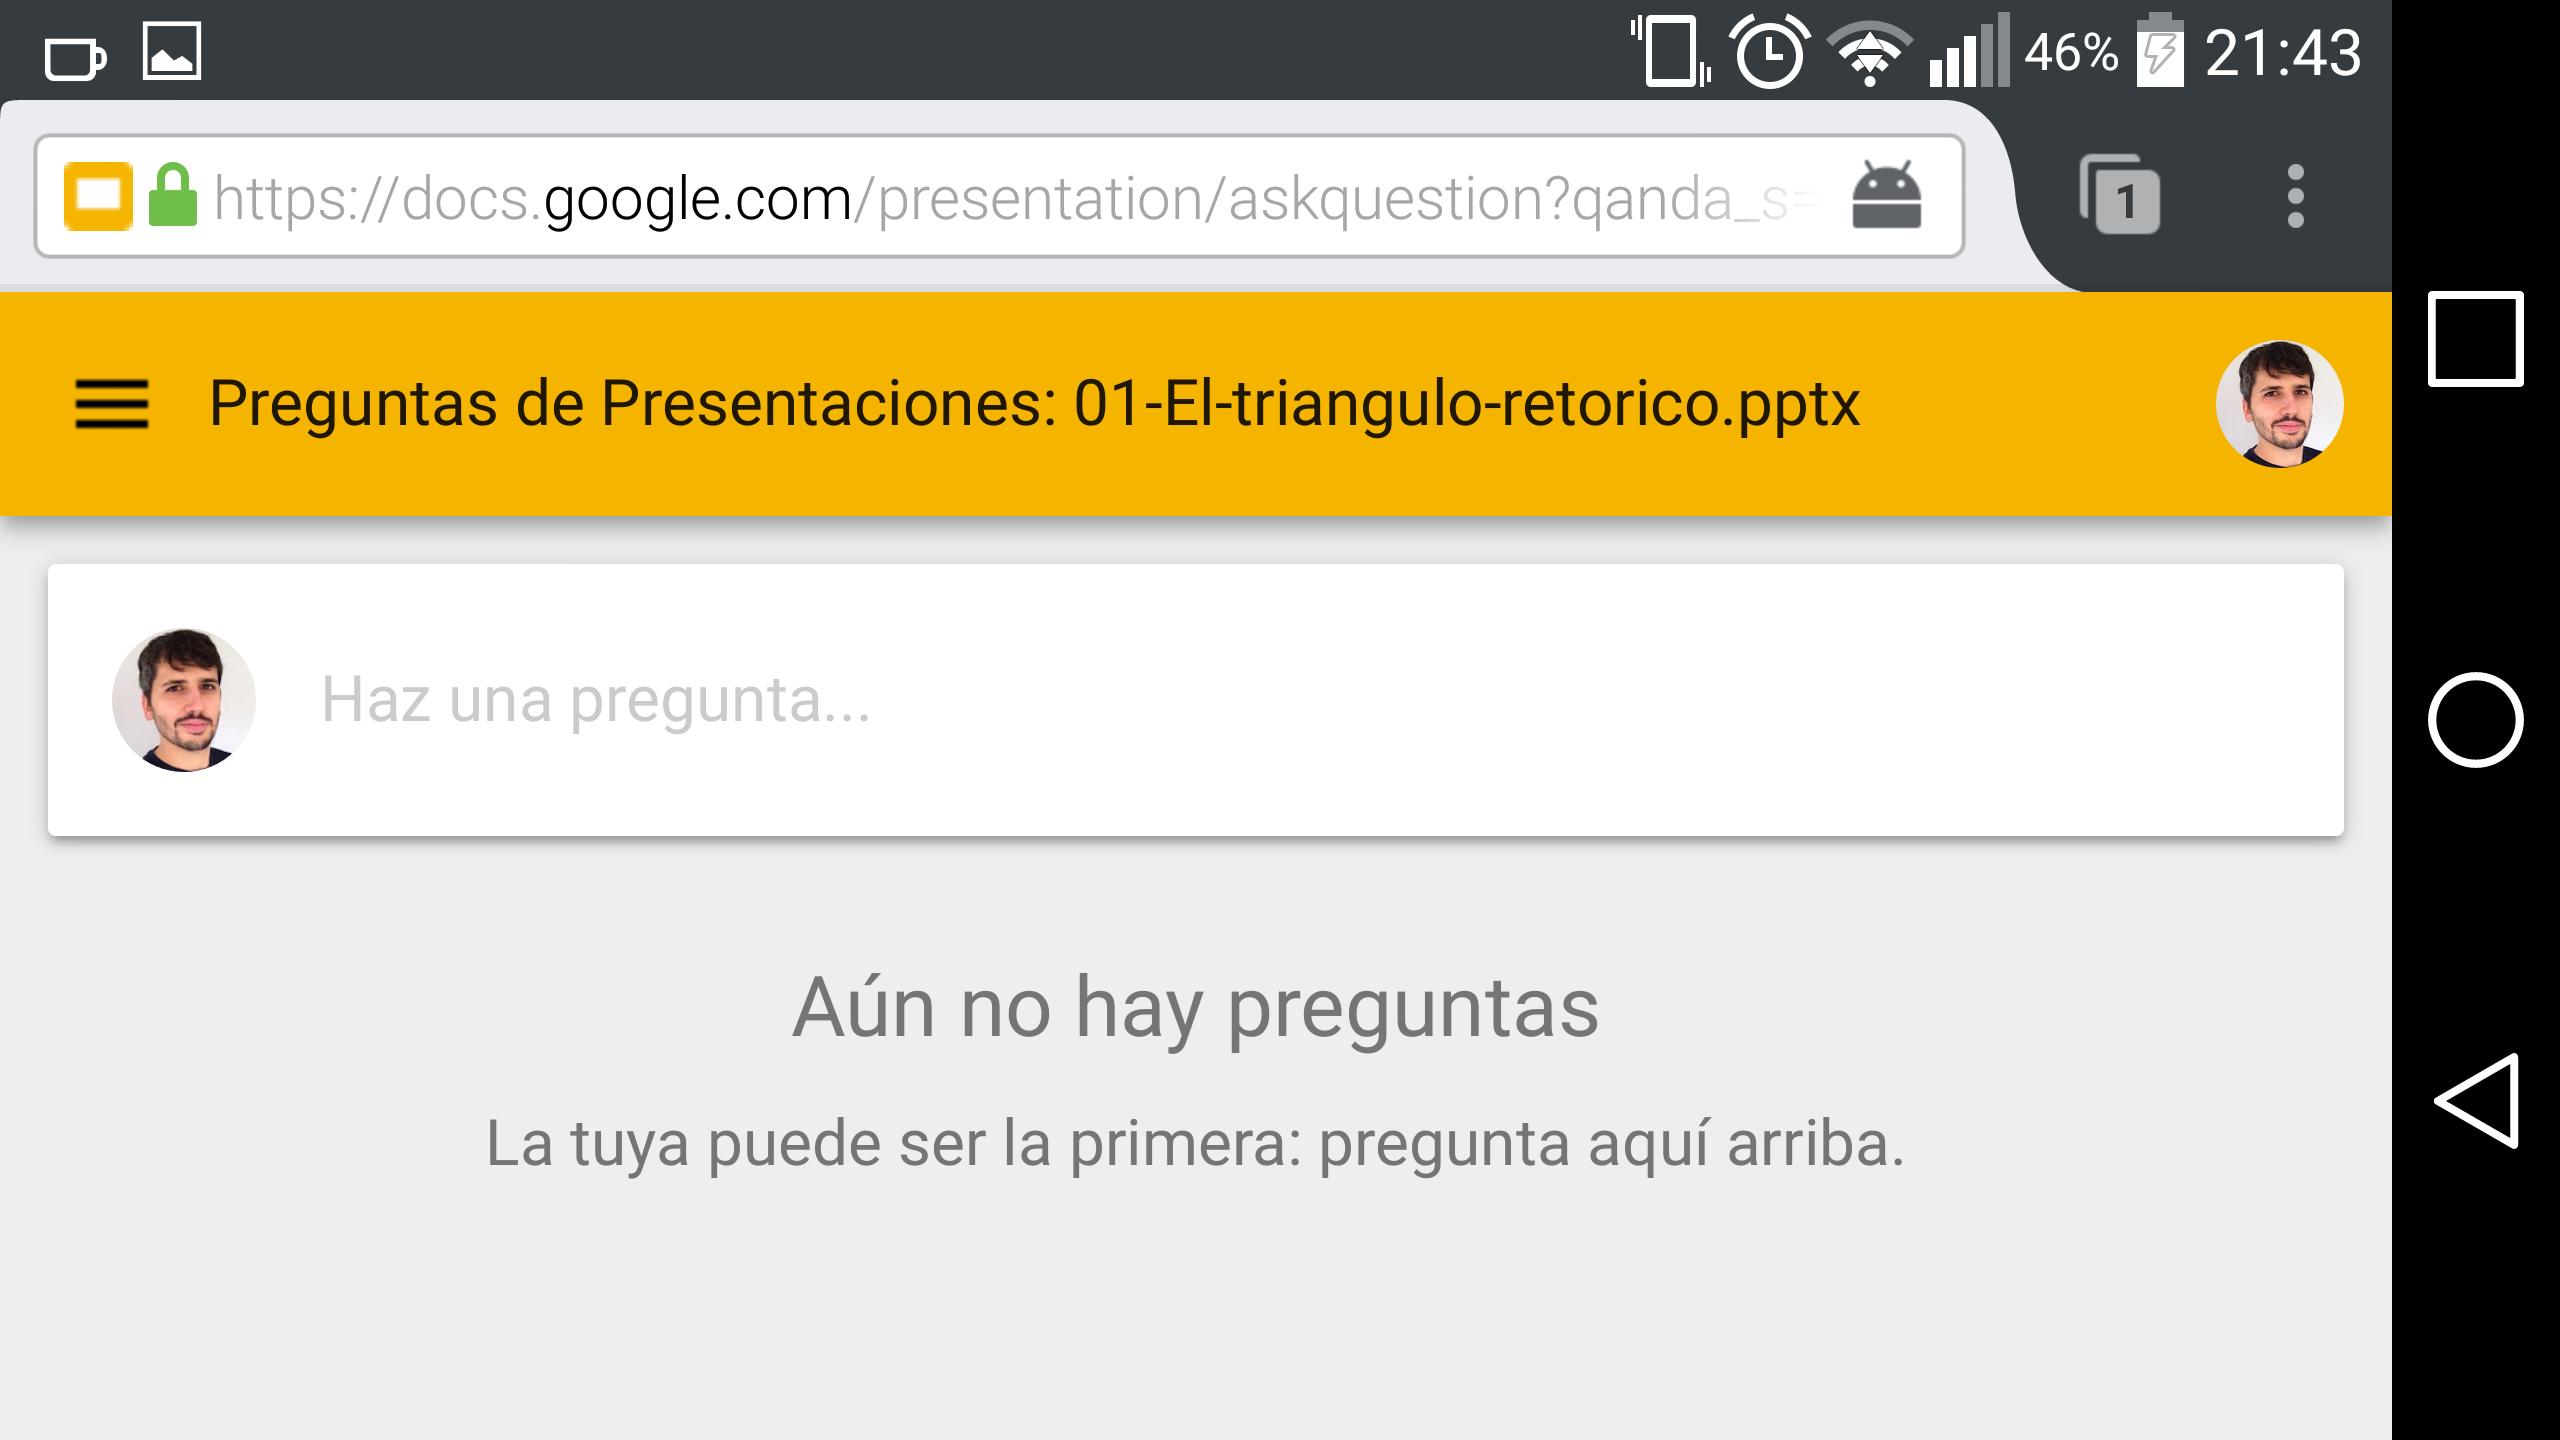 presentaciones de google permite que la audiencia envíe preguntas